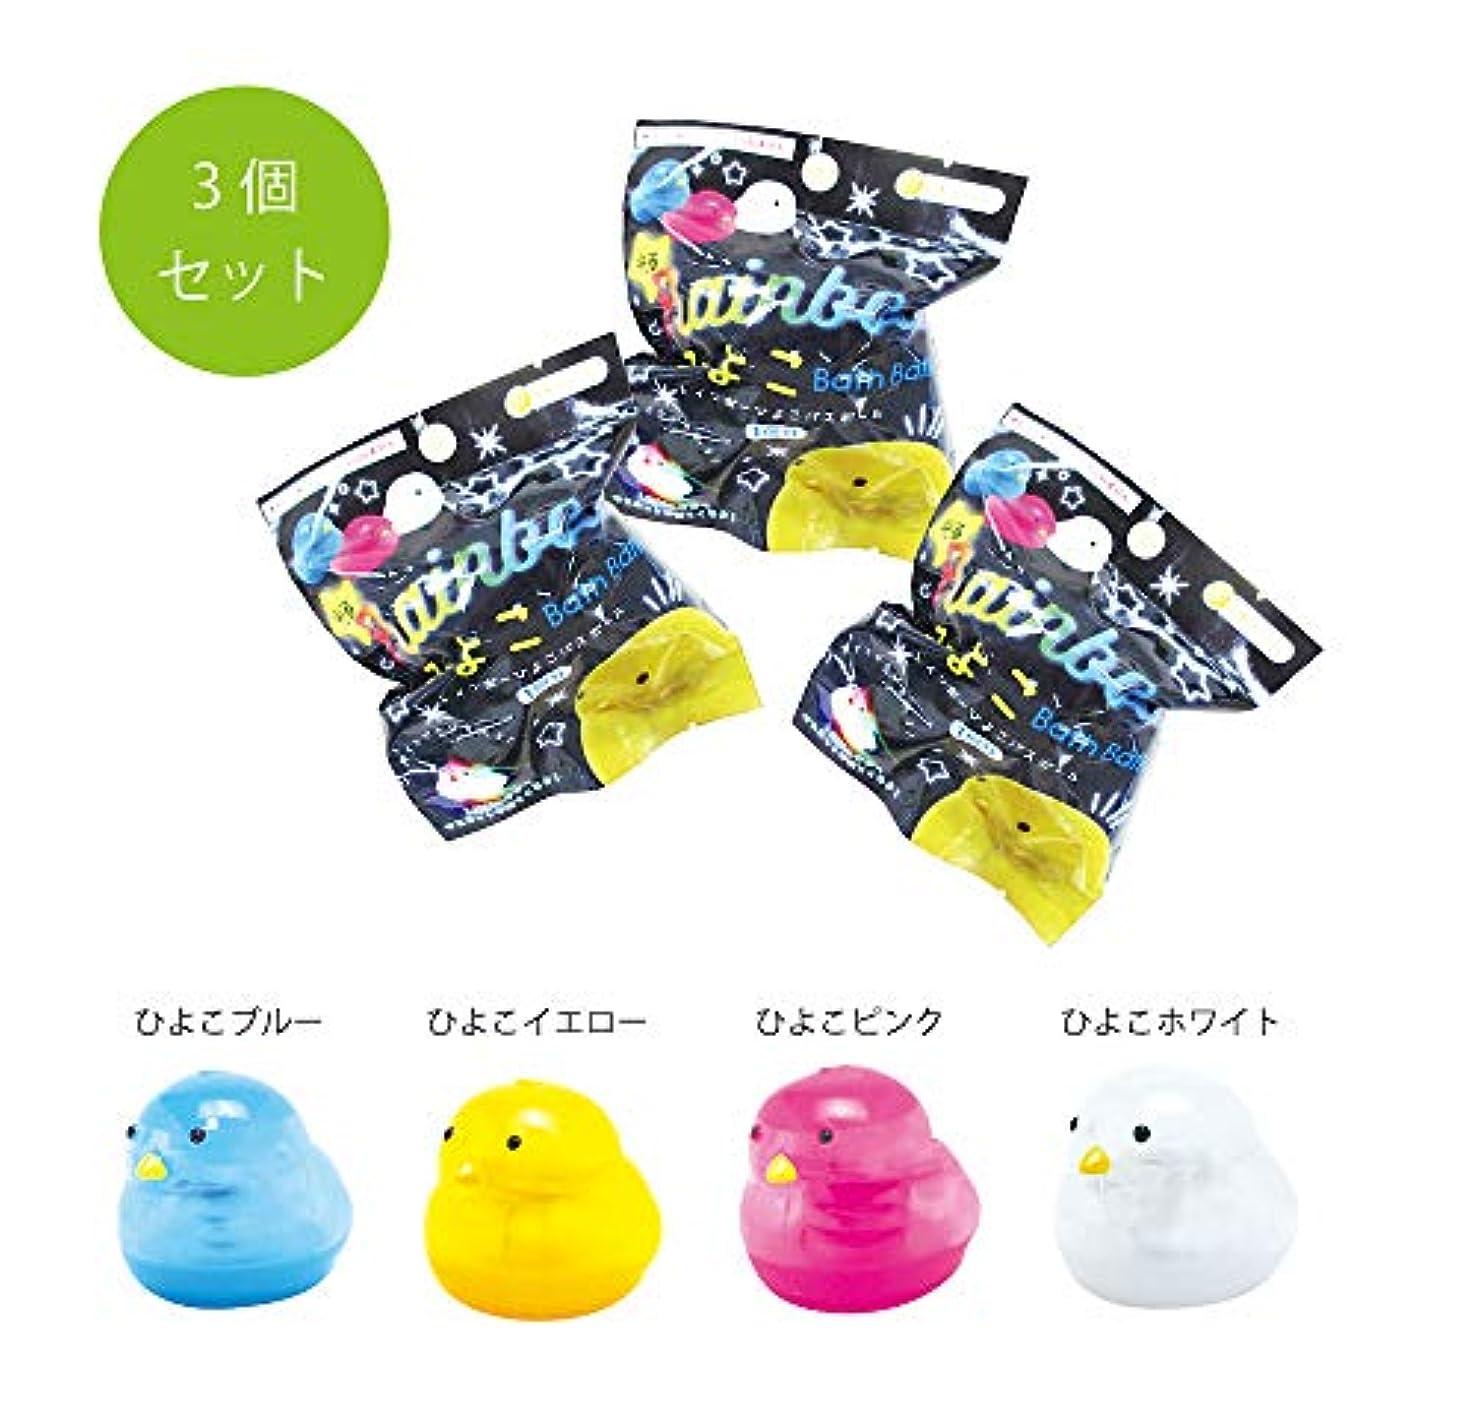 【3個セット】 光る レインボー バスボール 入浴剤 ヒヨコ レモンの香り